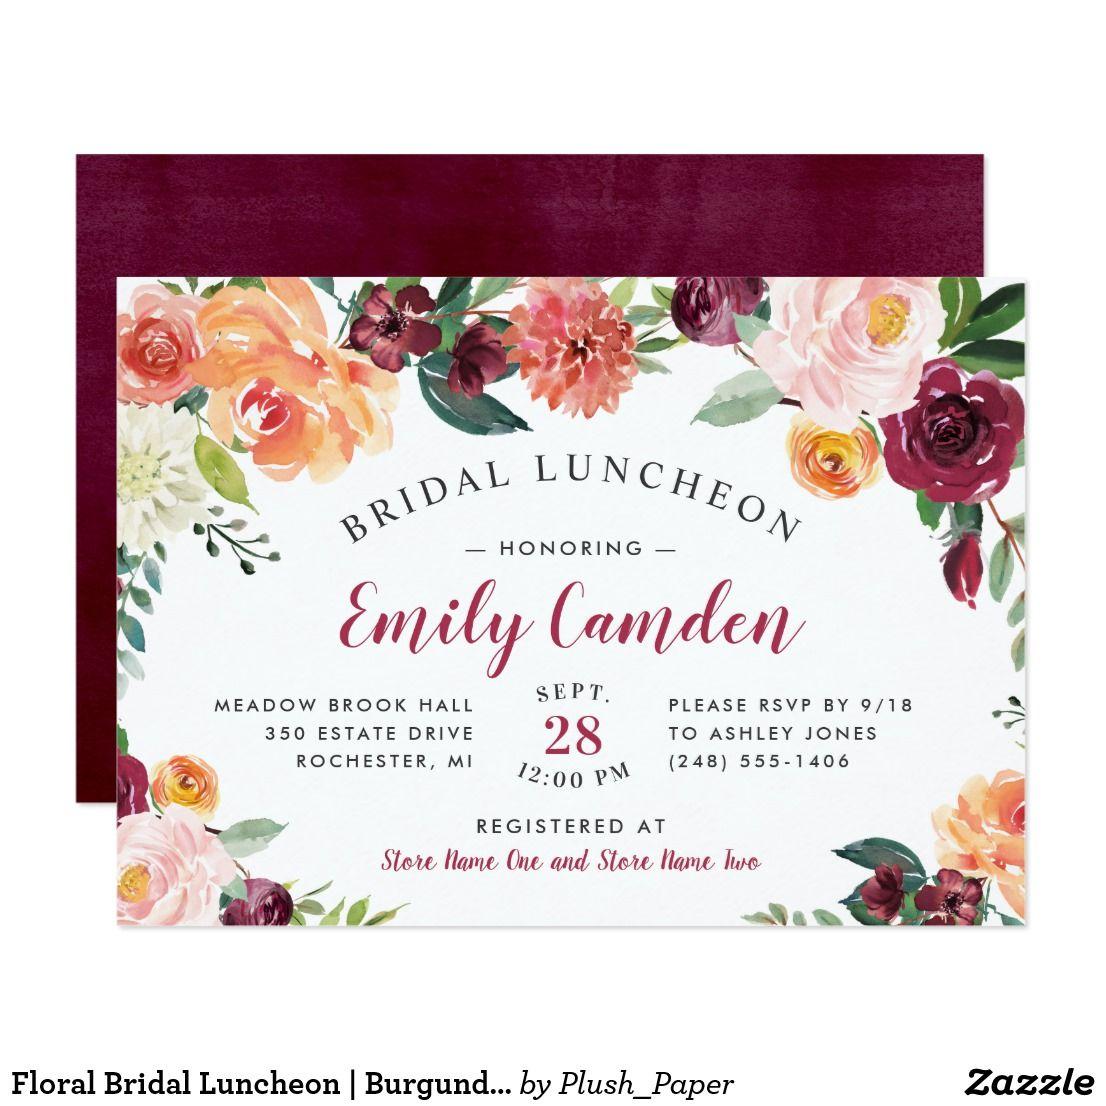 Rustic Burgundy Floral Wedding Bridal Luncheon Invitation